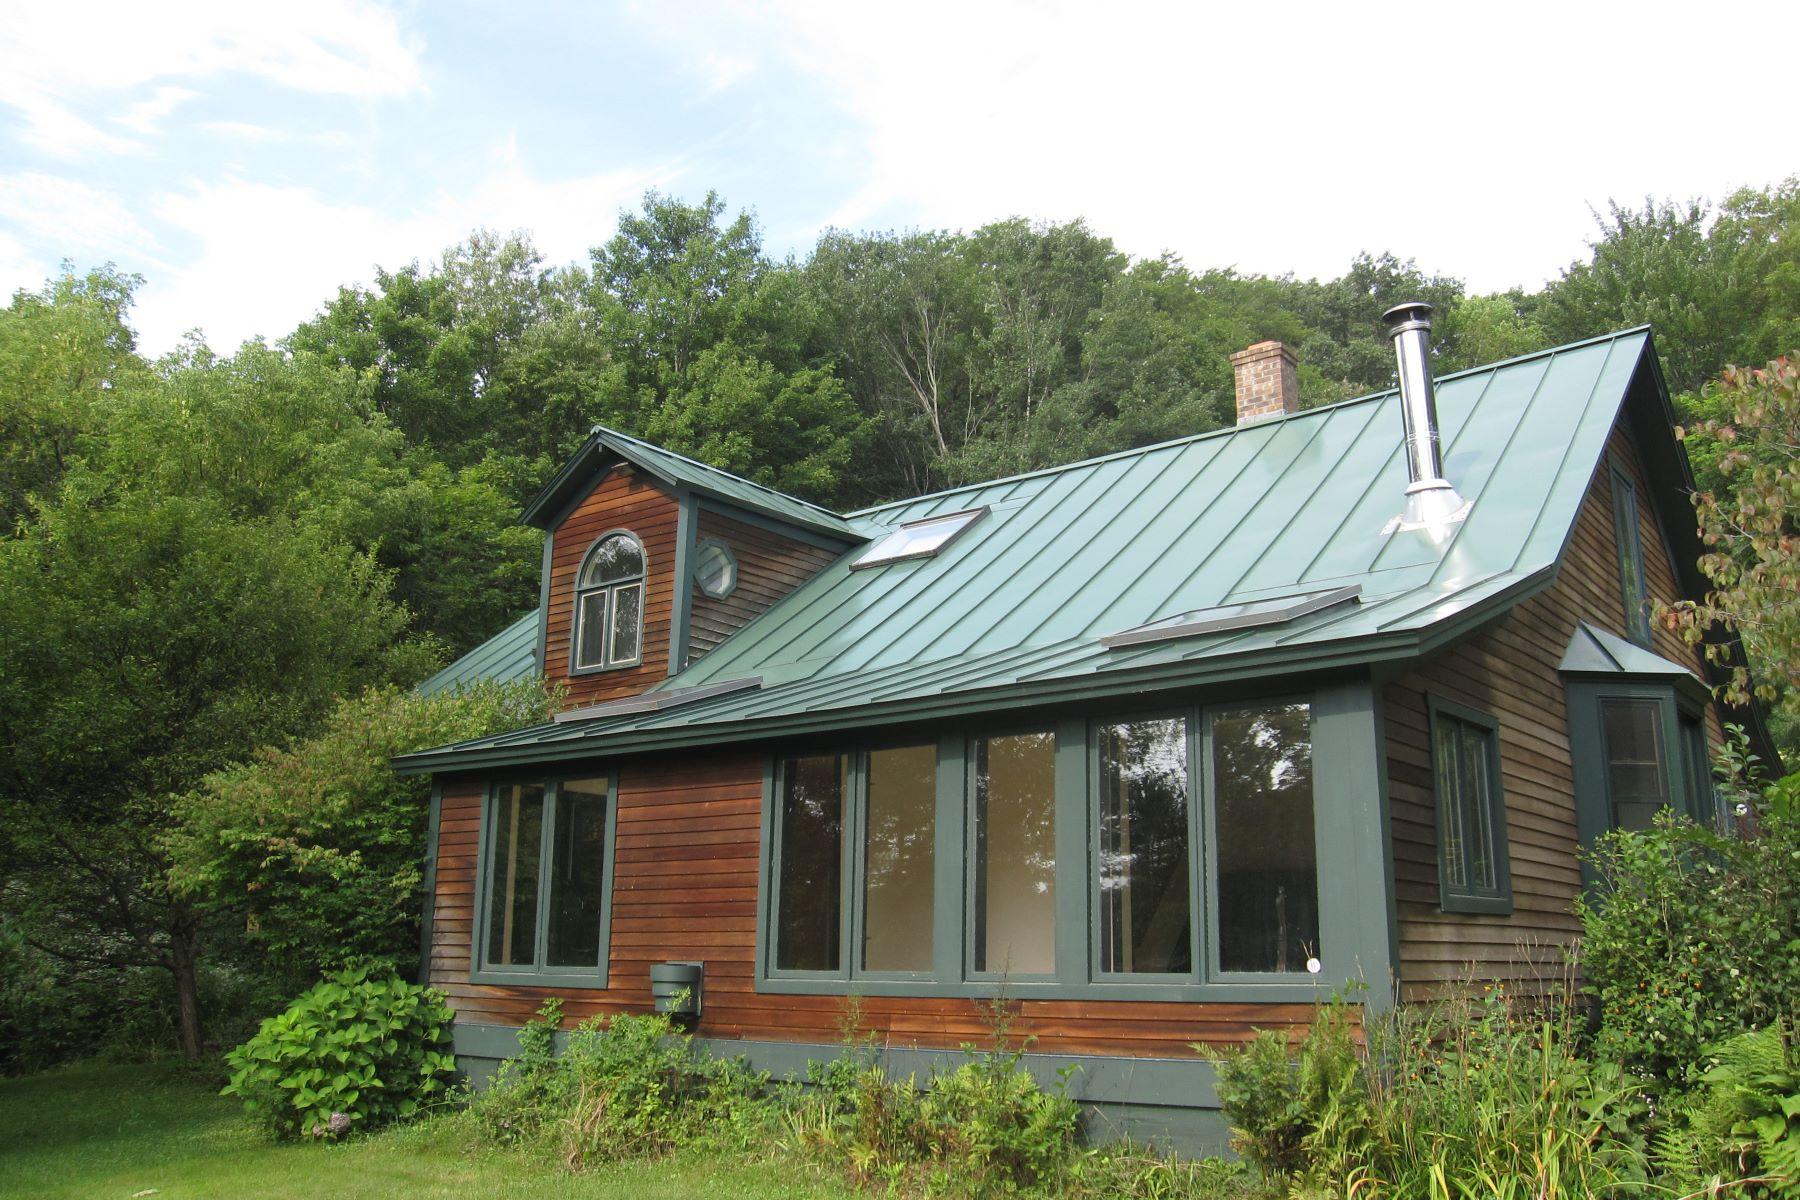 Casa Unifamiliar por un Venta en 883 Fairground, Bradford Bradford, Vermont, 05033 Estados Unidos